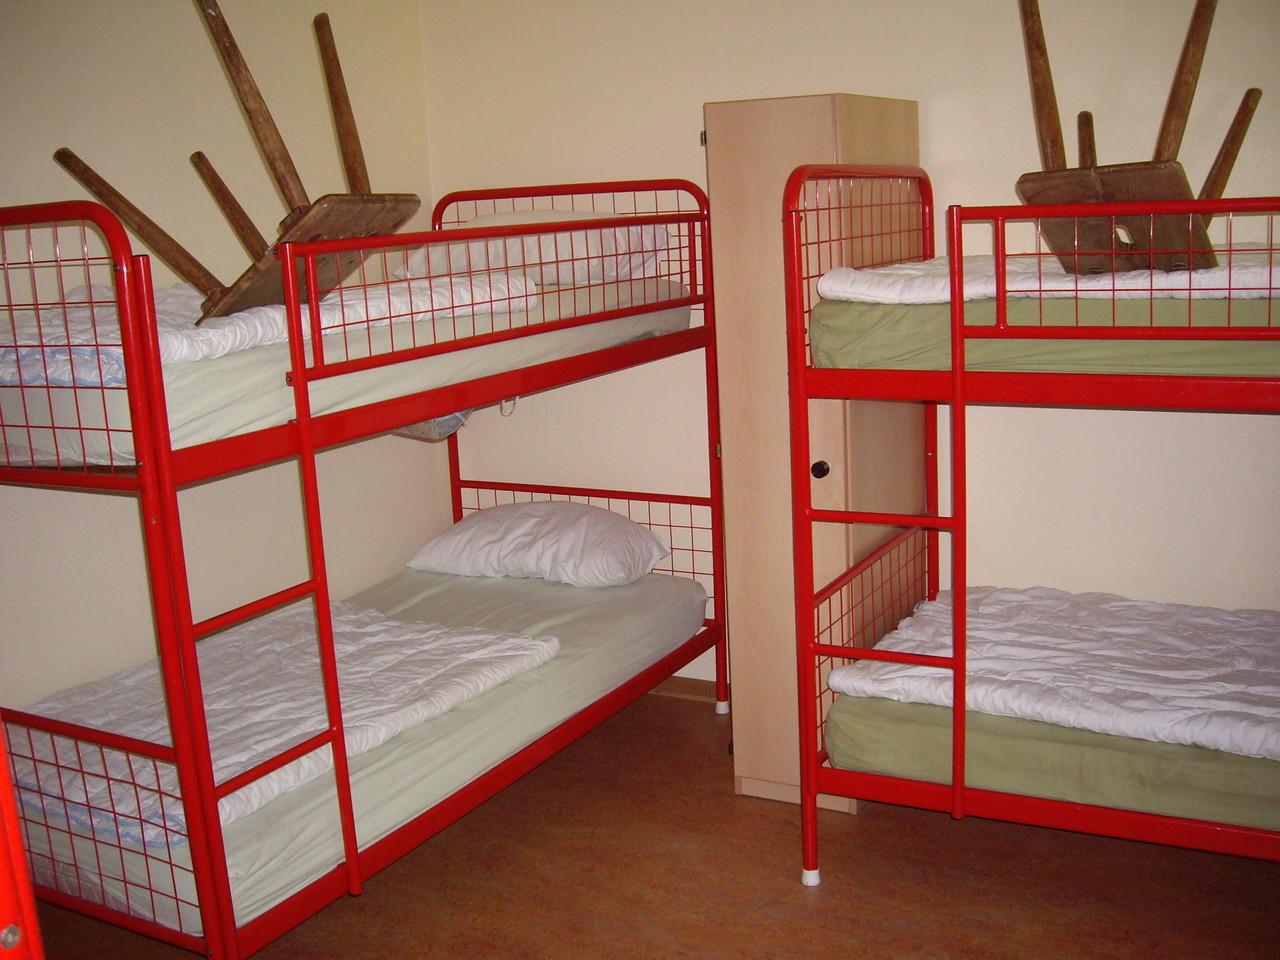 Bettenburgen in unseren Zimmer. Aber da sind wir ja eh nur zum Schlafen.